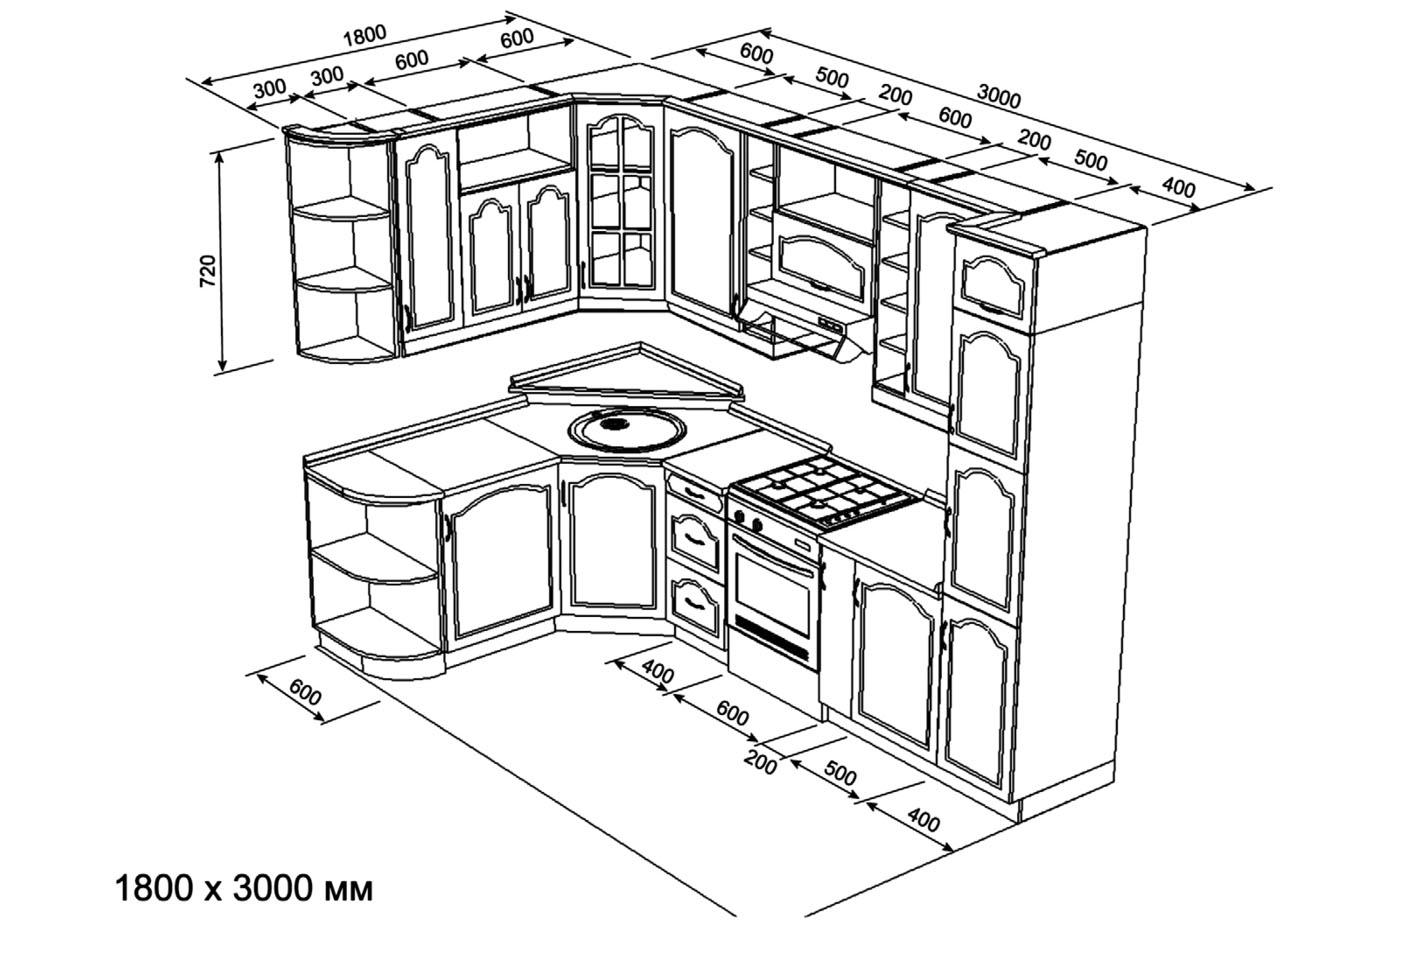 Чертёж кухни 1800х3000